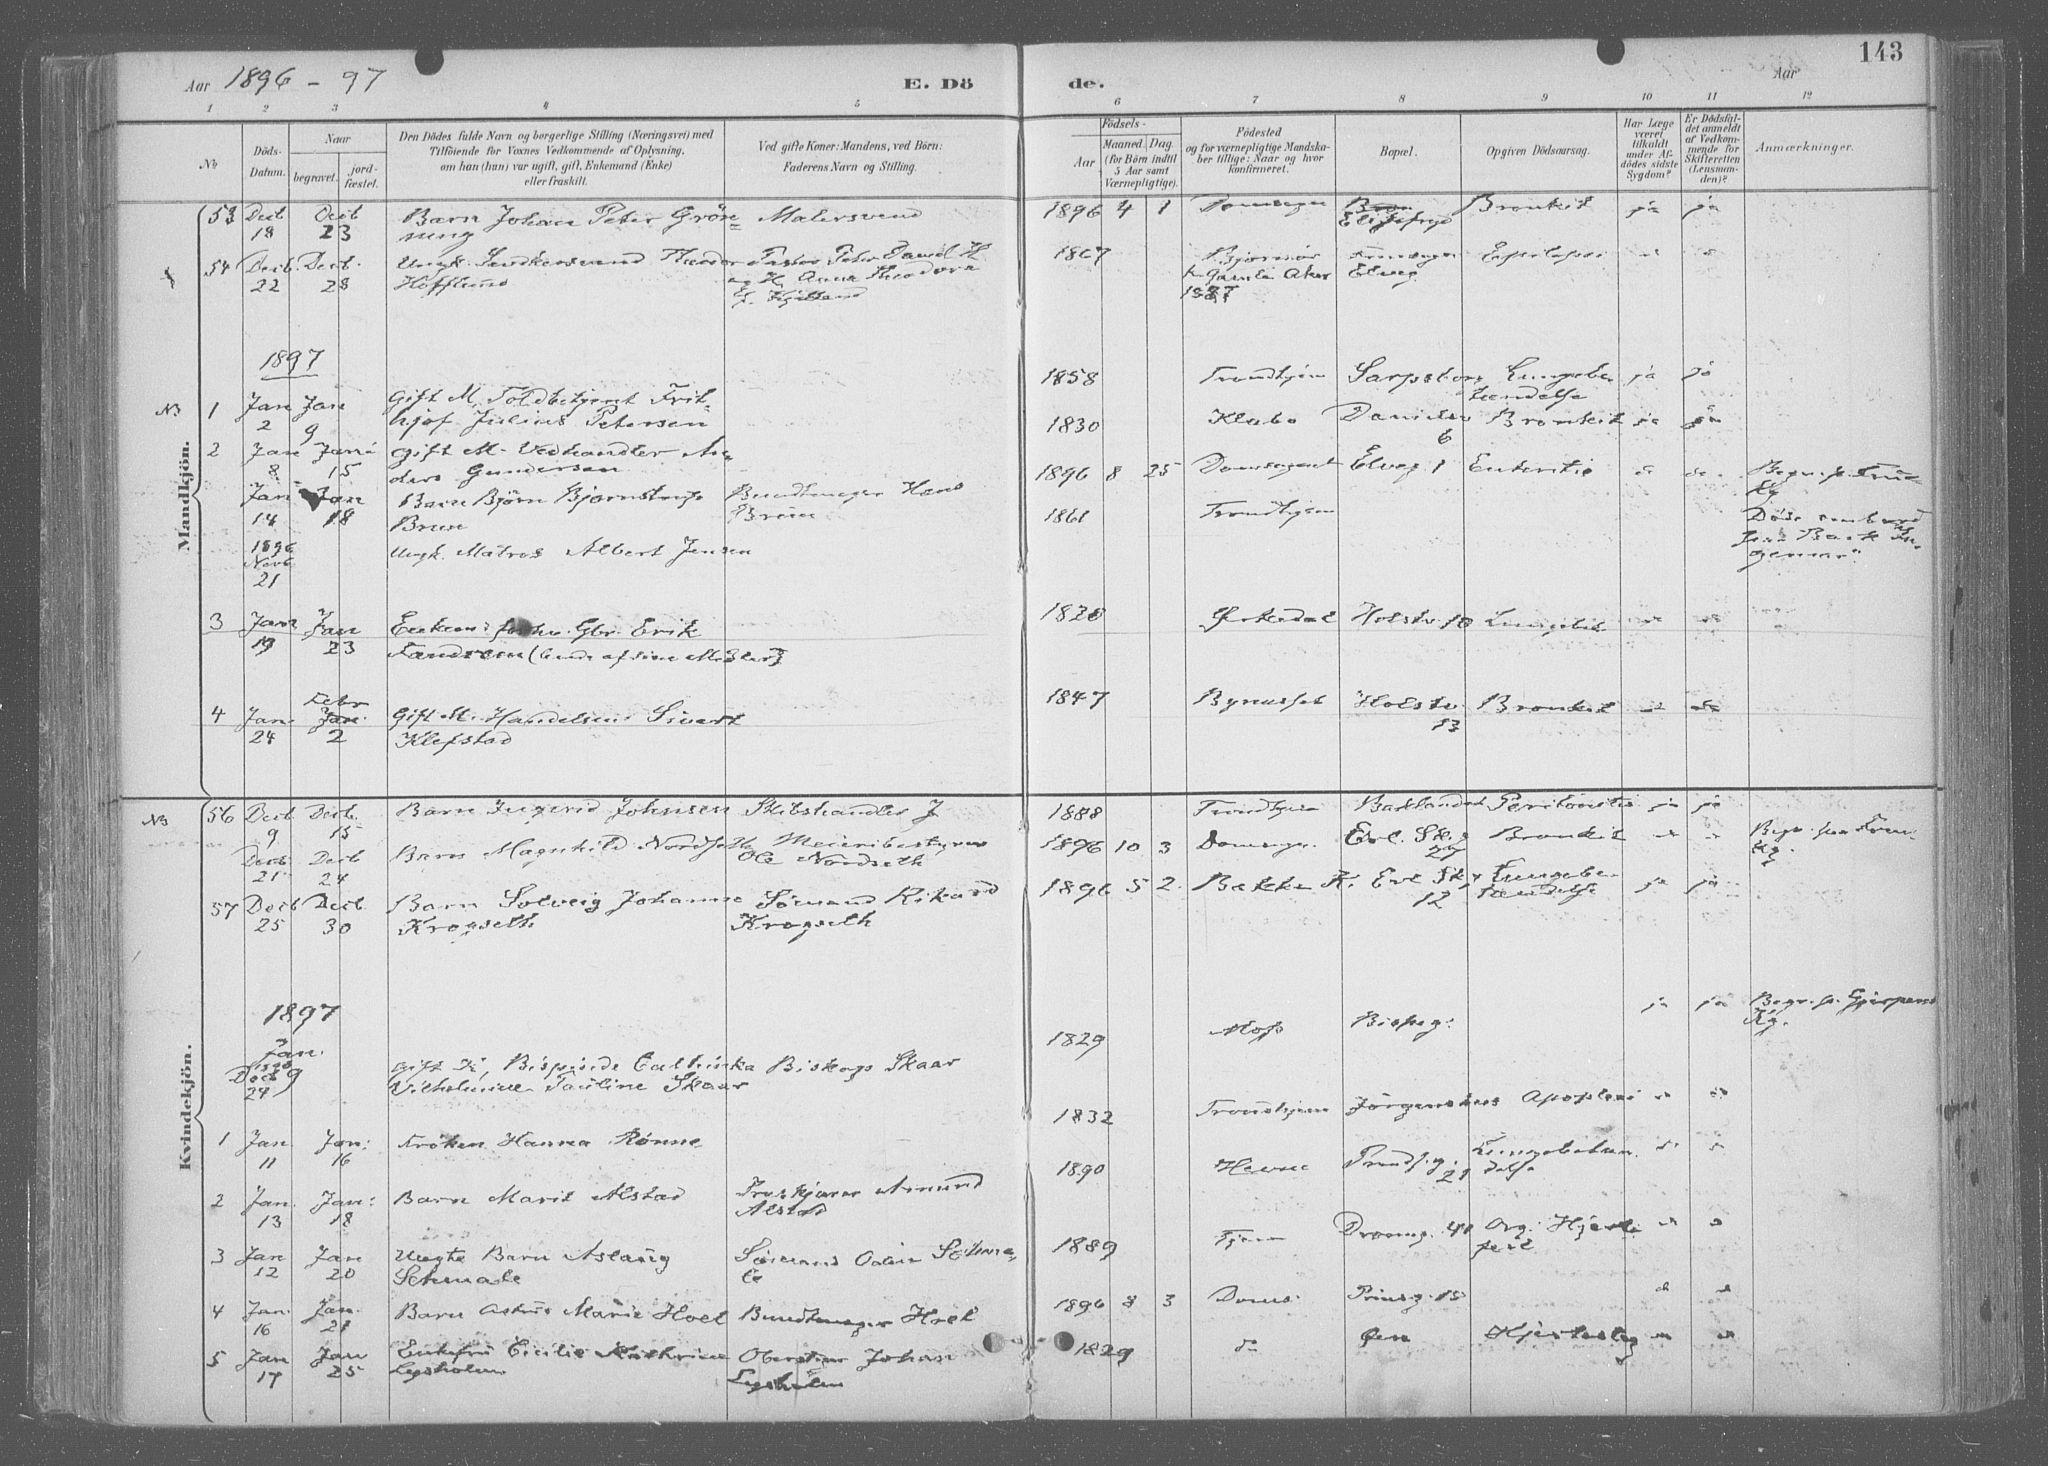 SAT, Ministerialprotokoller, klokkerbøker og fødselsregistre - Sør-Trøndelag, 601/L0064: Ministerialbok nr. 601A31, 1891-1911, s. 143